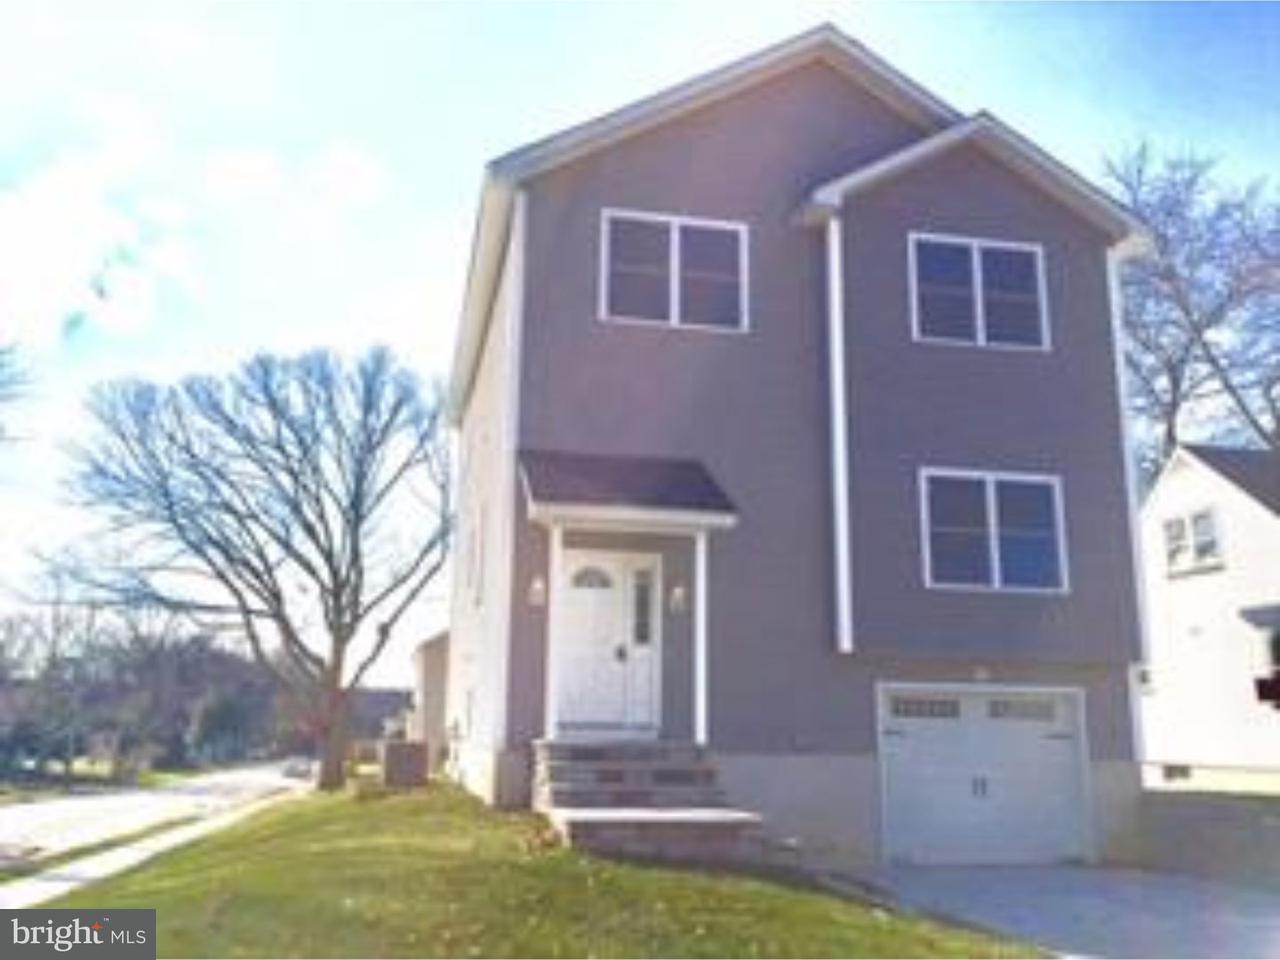 Maison unifamiliale pour l Vente à 65 ROOSEVELT Parlin, New Jersey 08859 États-Unis